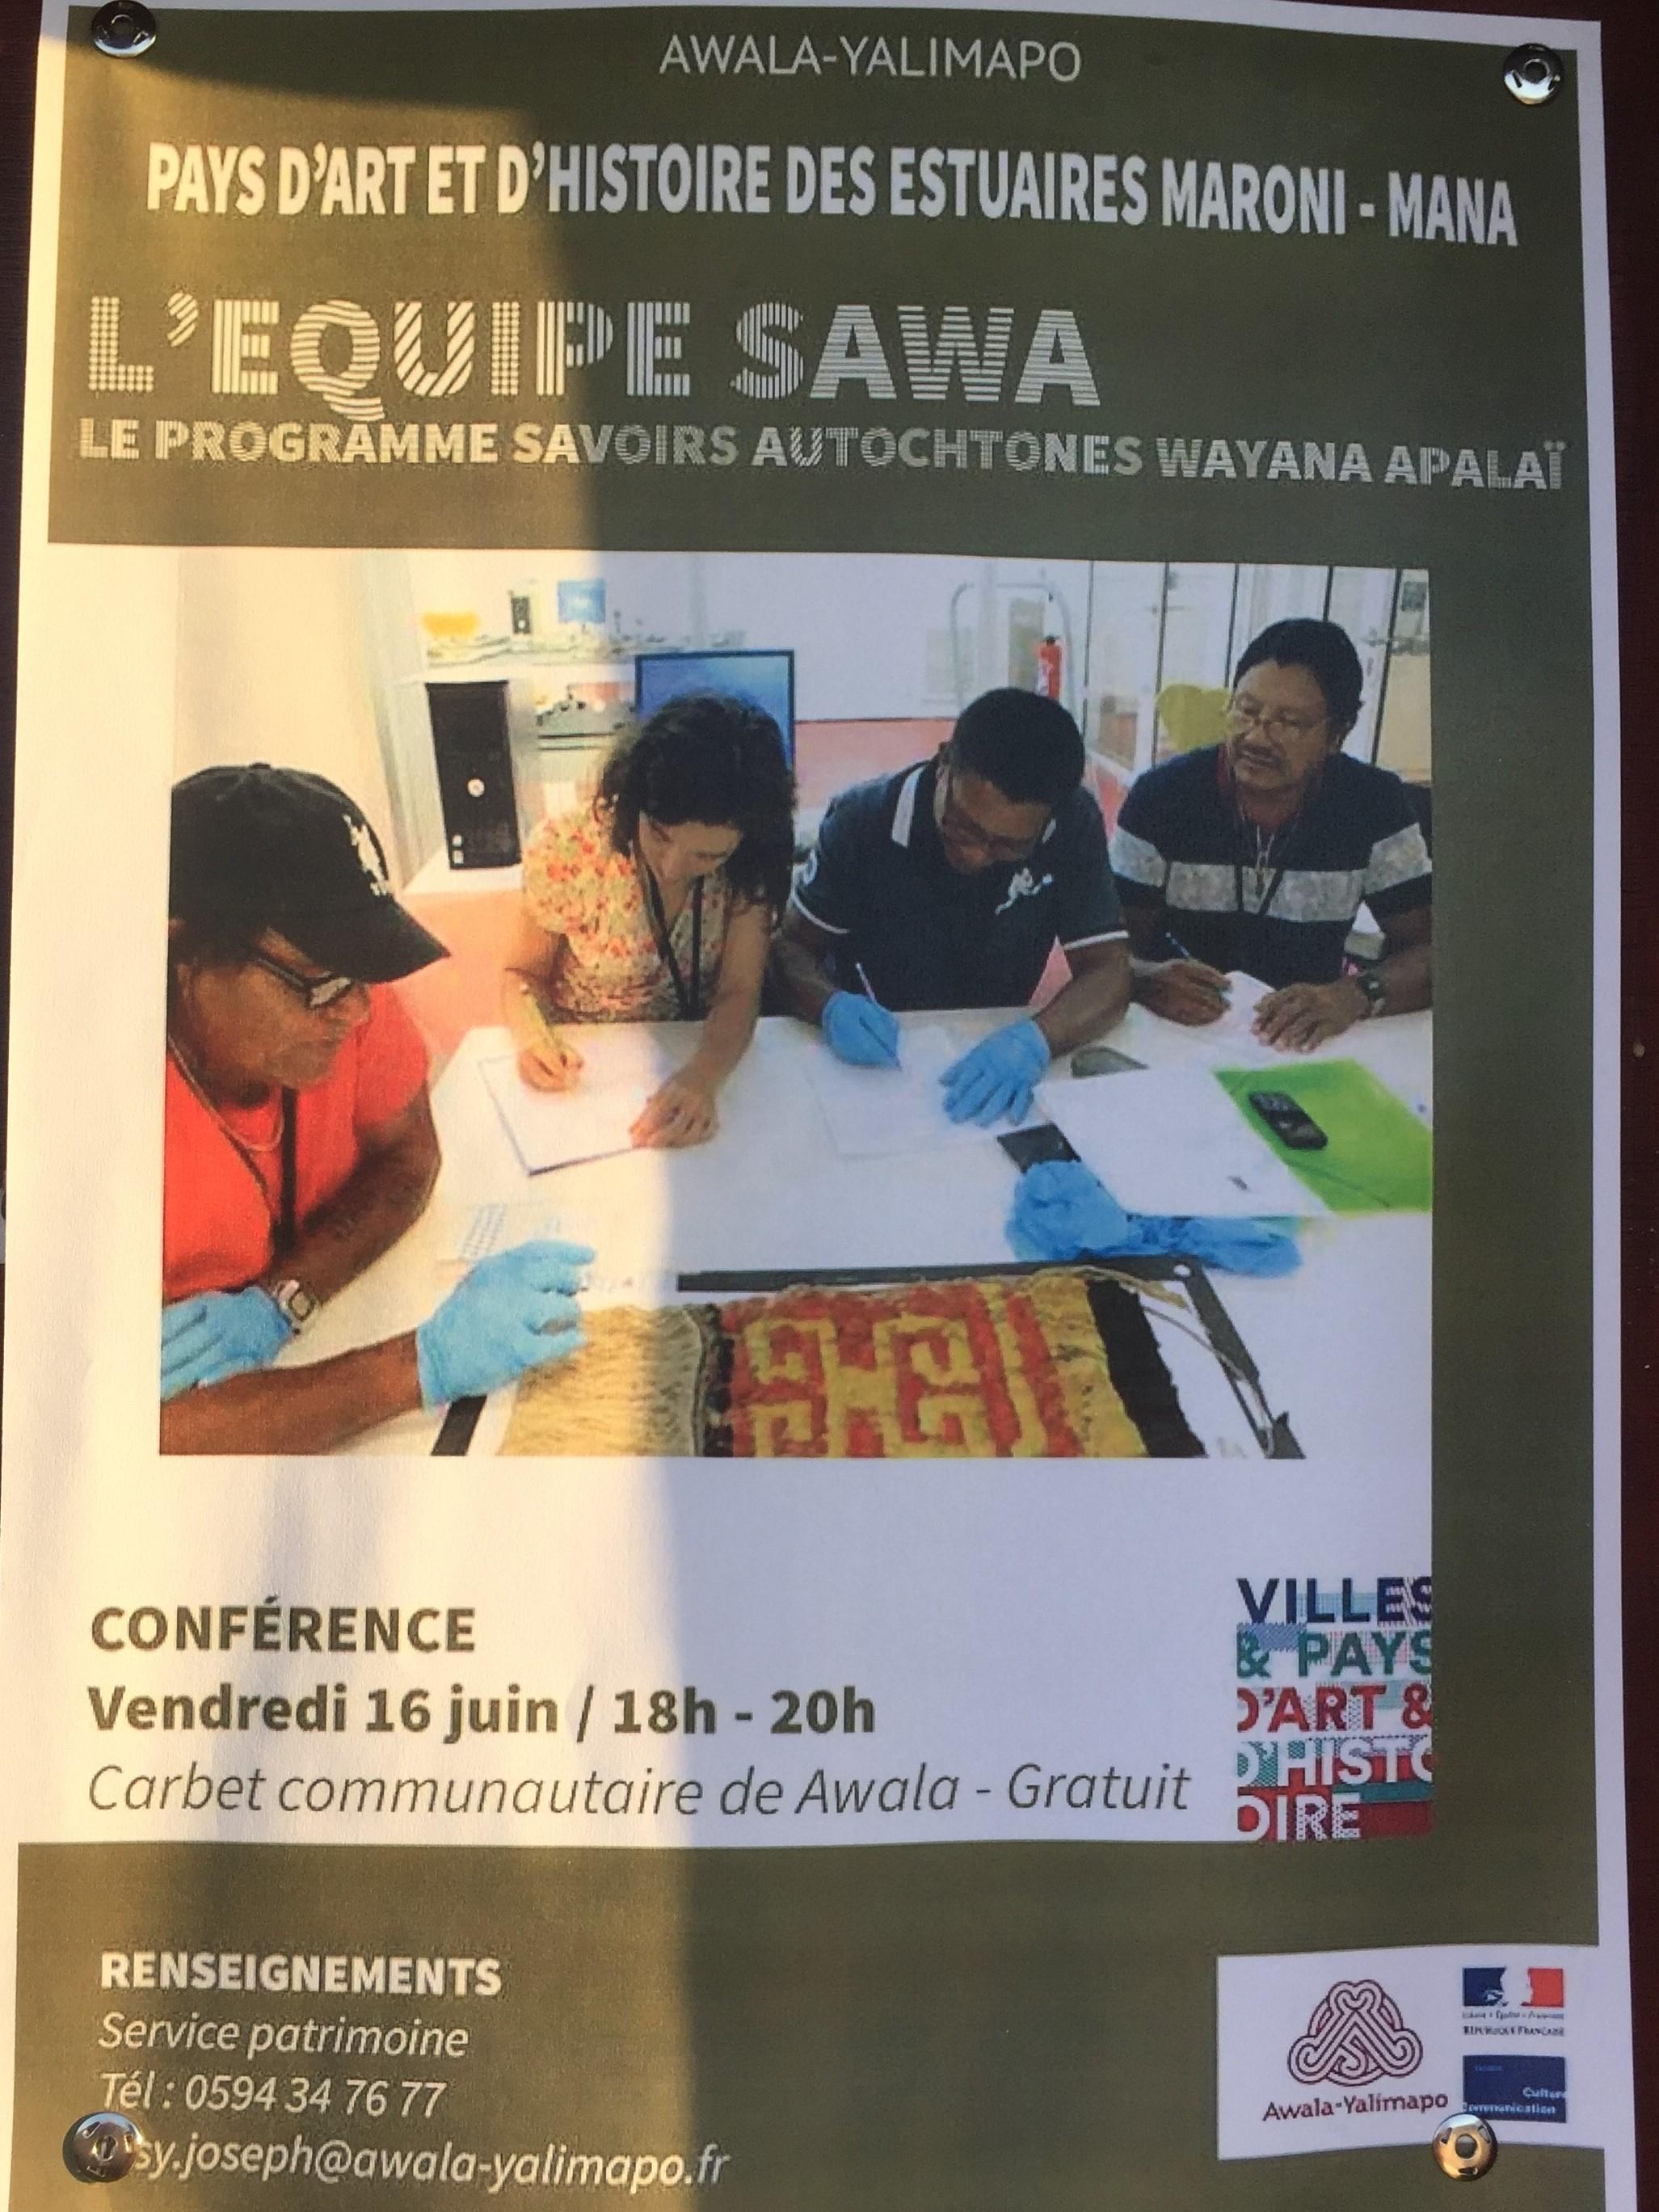 Affiche de la conférence du 16 juin 2017 à Awala (Guyane française)